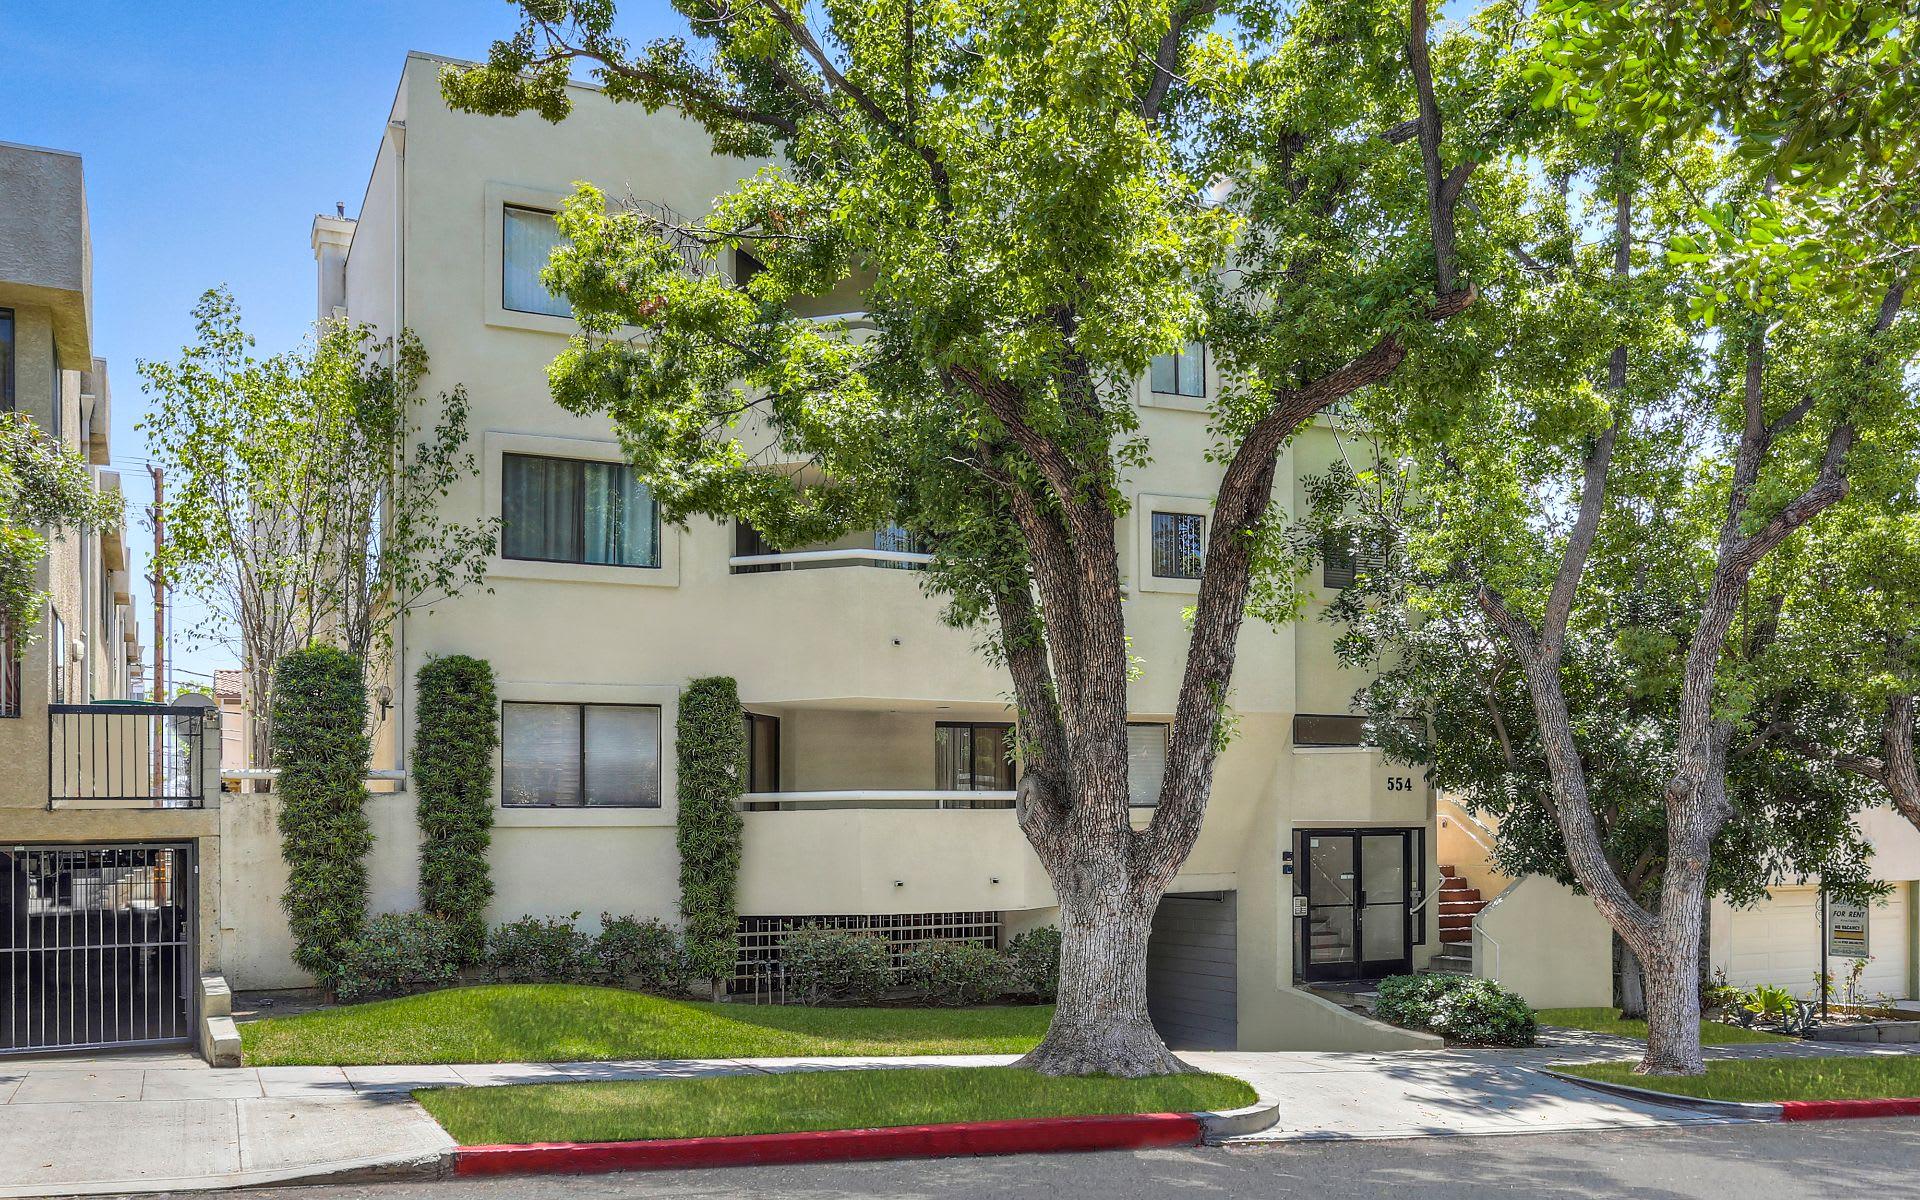 554 E San Jose Ave Apt 103 photo